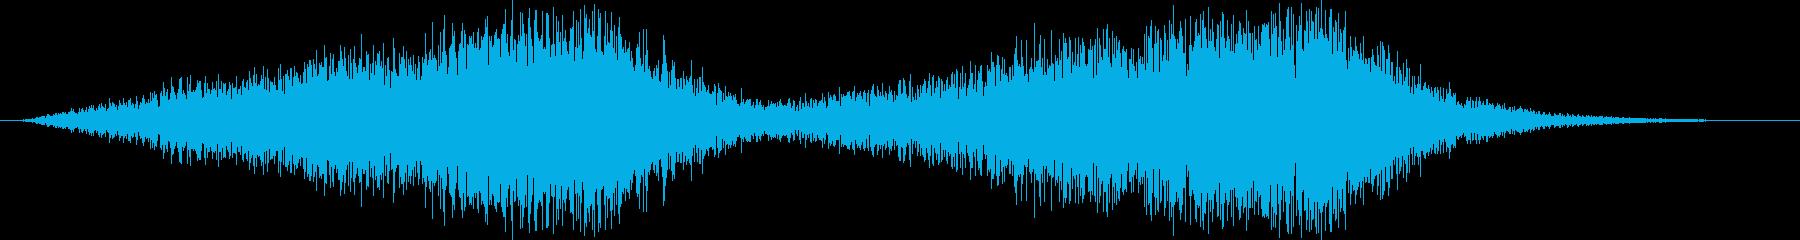 サスペンス的不安感音の再生済みの波形